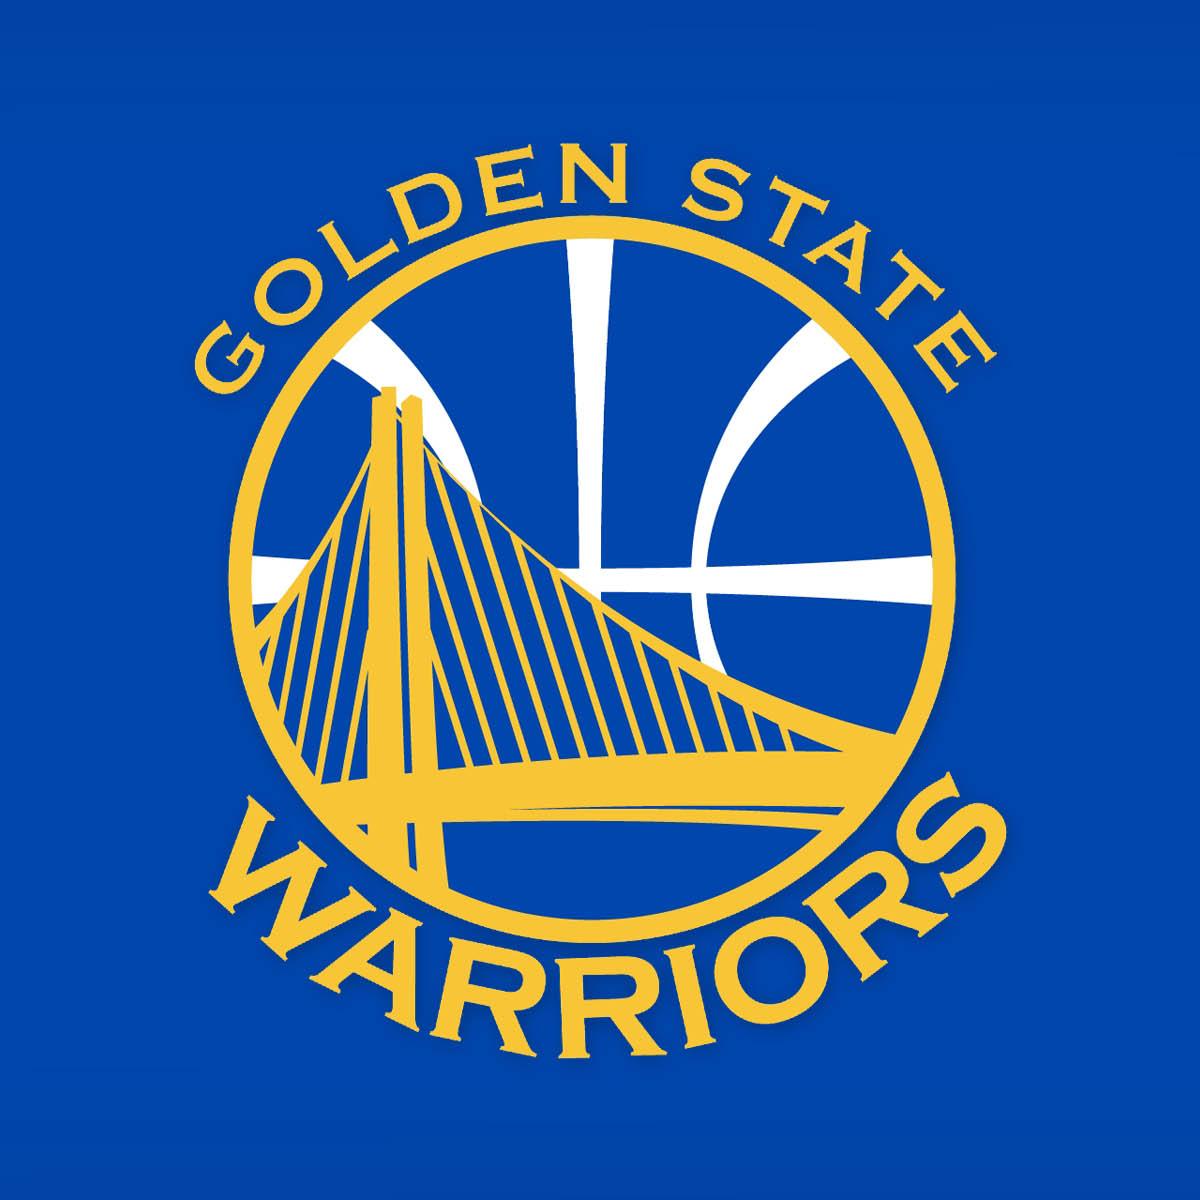 Golden-State-Warriors-Wallpaper2.png